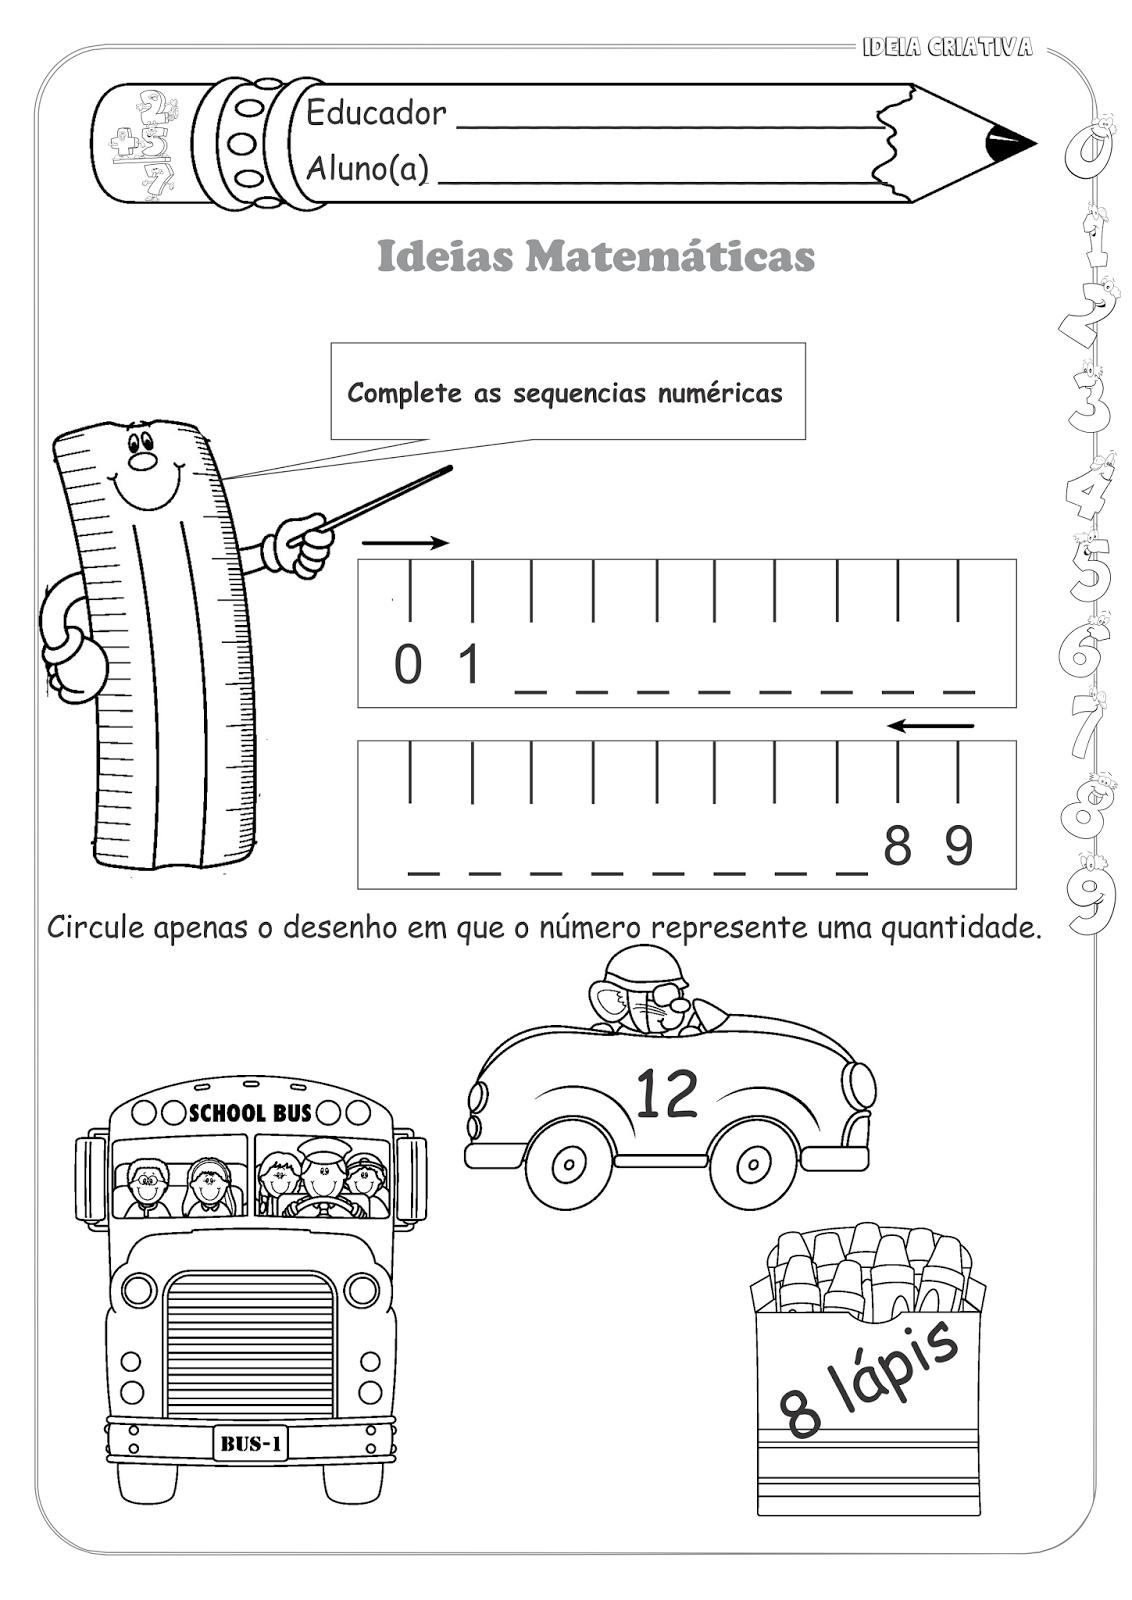 Atividades Educativas Sequência Numérica Medidas de Comprimento Matemática para Ensino Fundamental